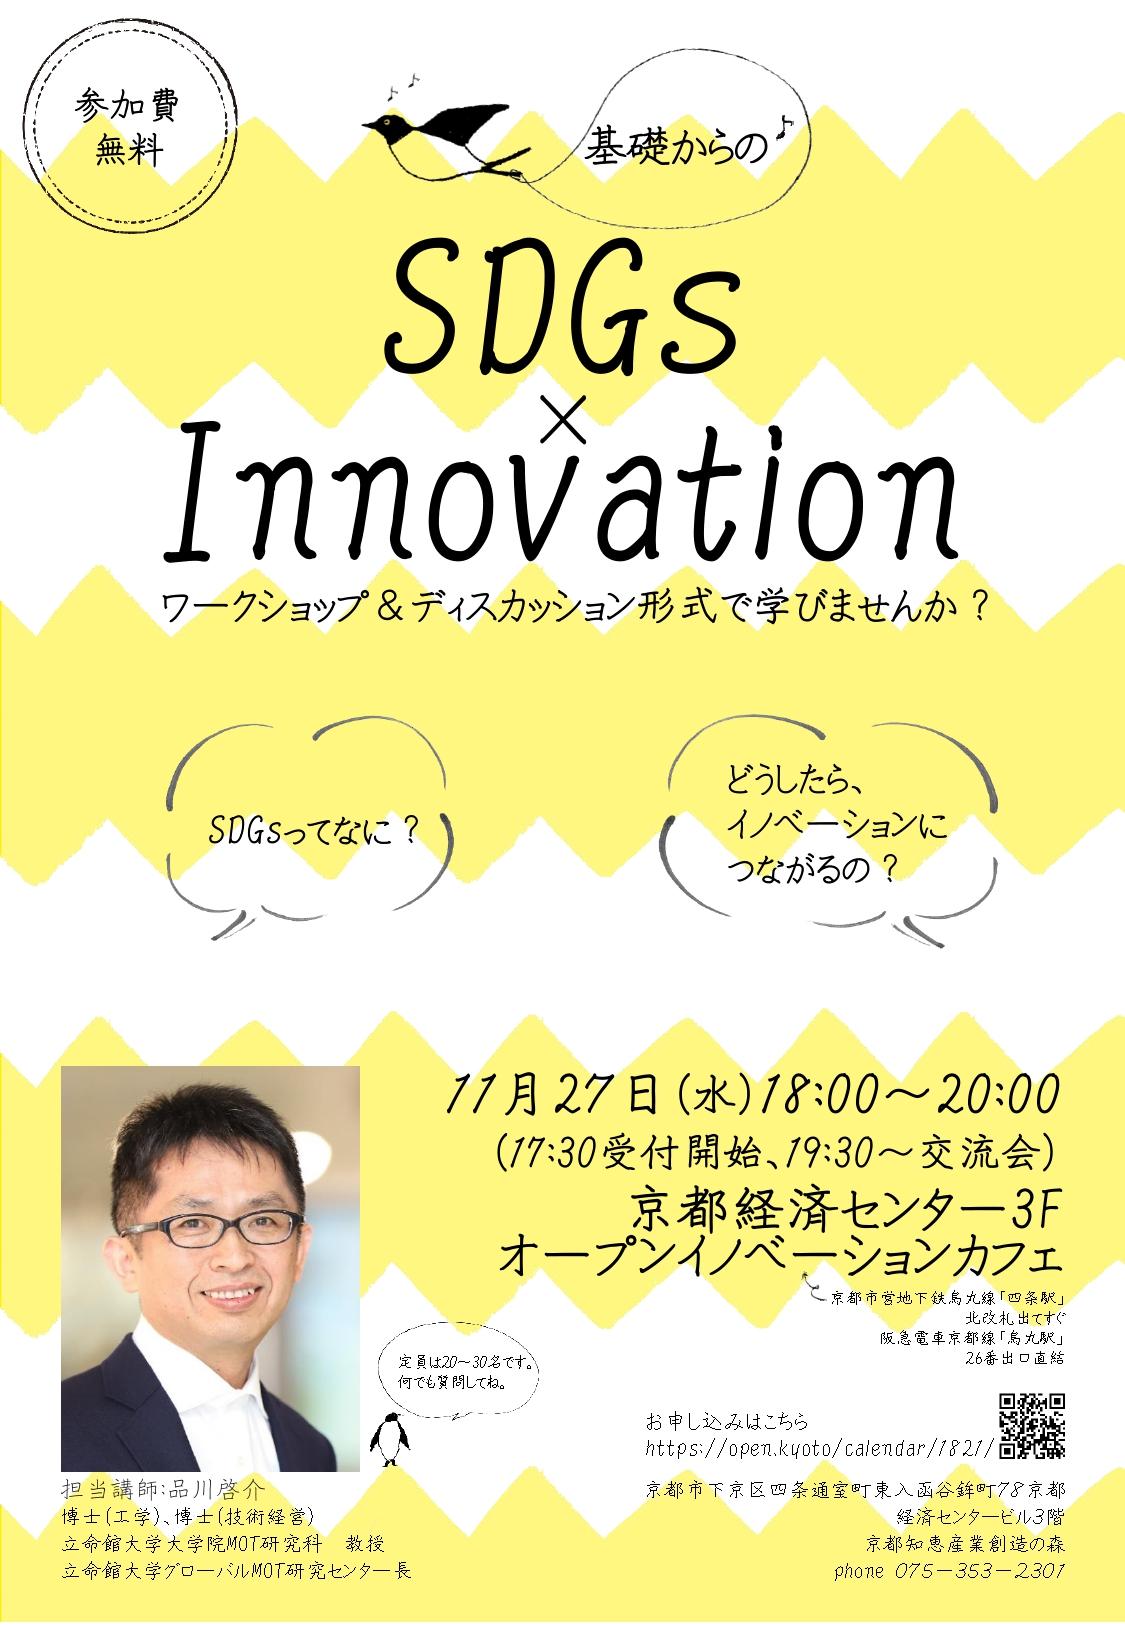 基礎からのSDGs × Innovation